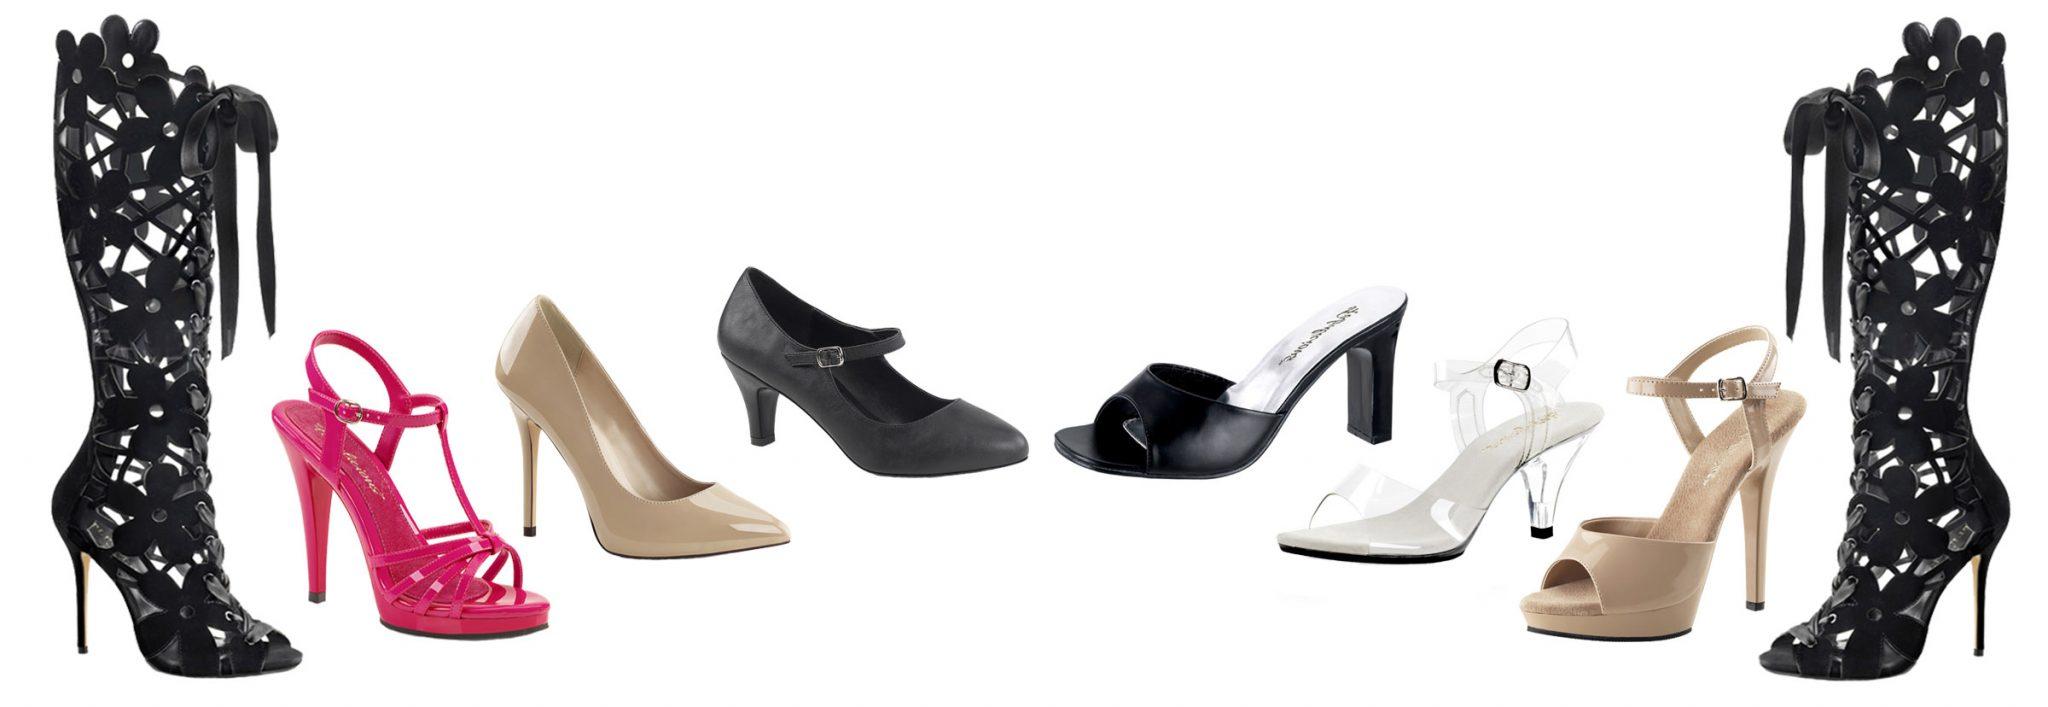 b608fd9ceb Crossdresser Shoes, Drag Queen Heels, and Heels For Men